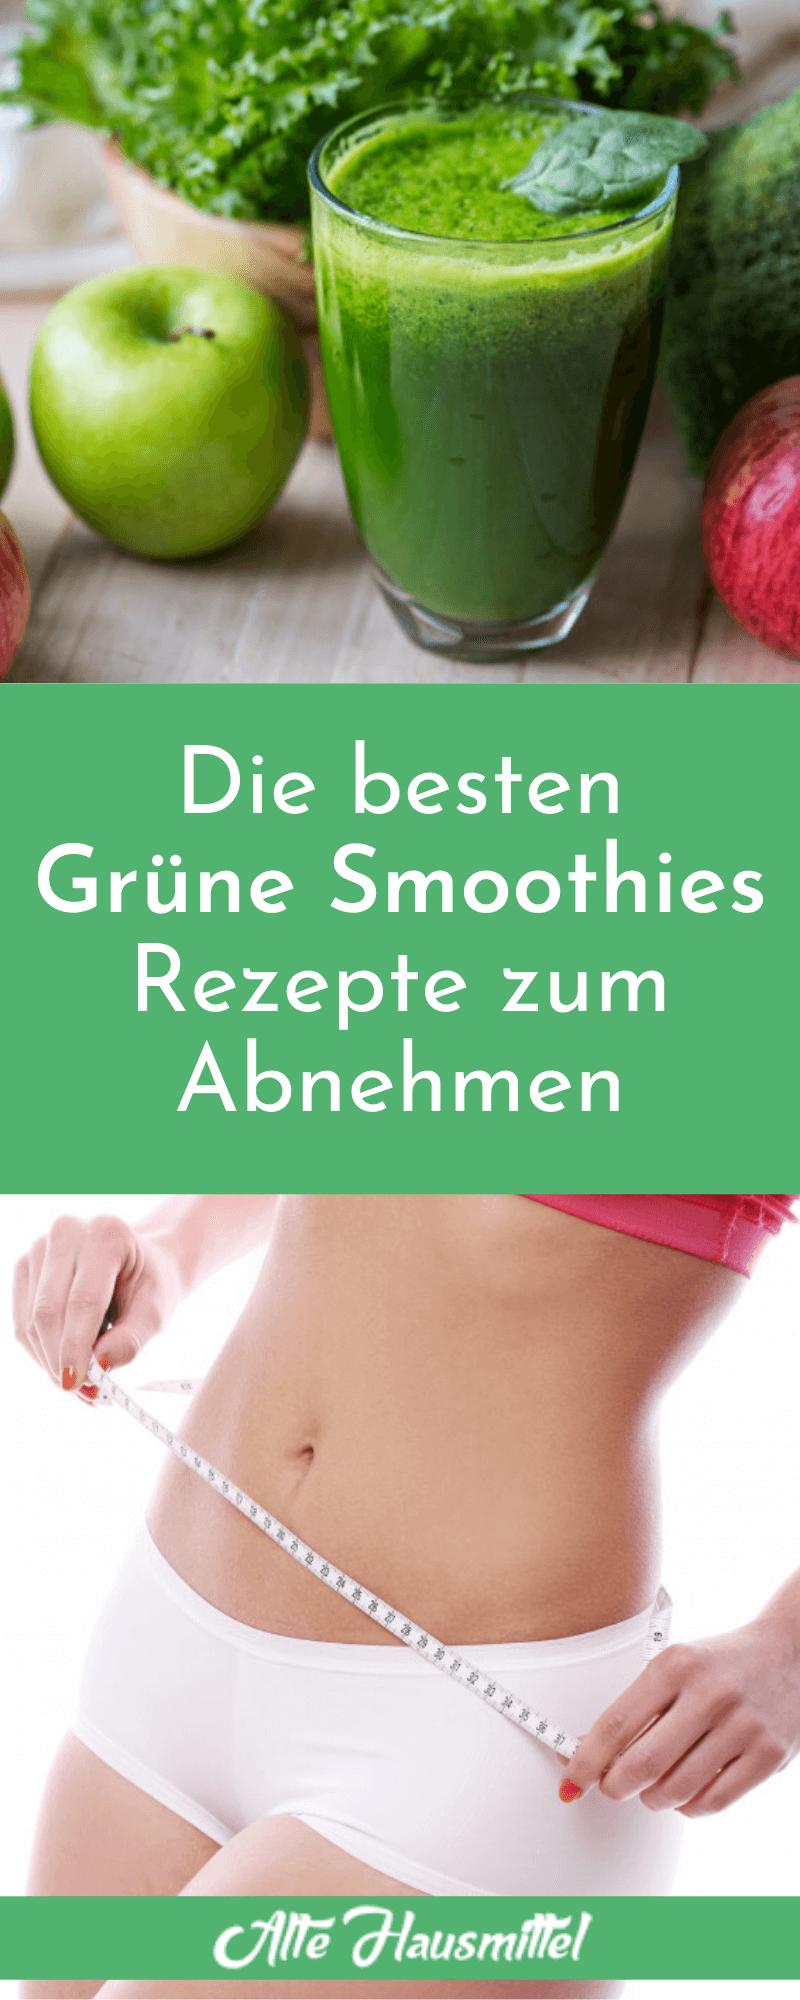 Die besten Grüne Smoothies Rezepte zum Abnehmen